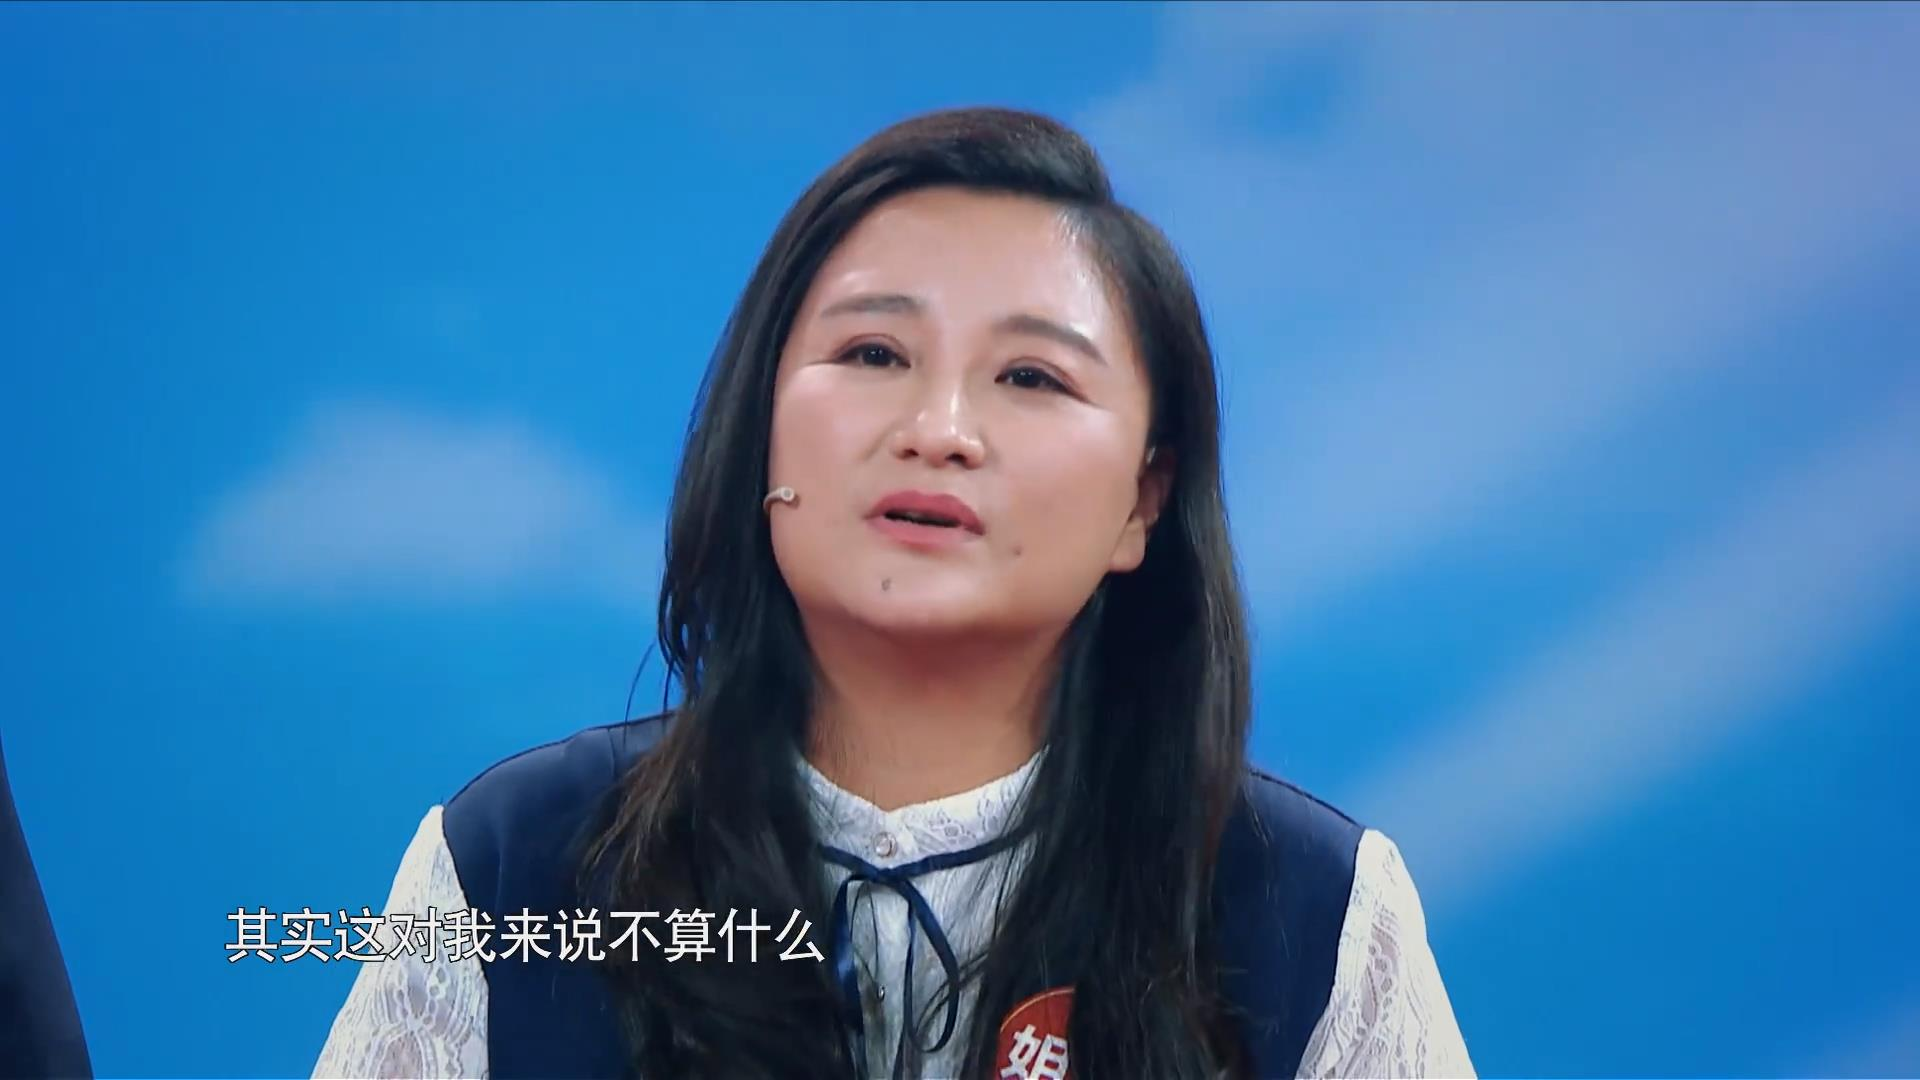 贾玲亲姐姐身份曝光,原来是我们熟悉的她,难怪贾玲那么火!